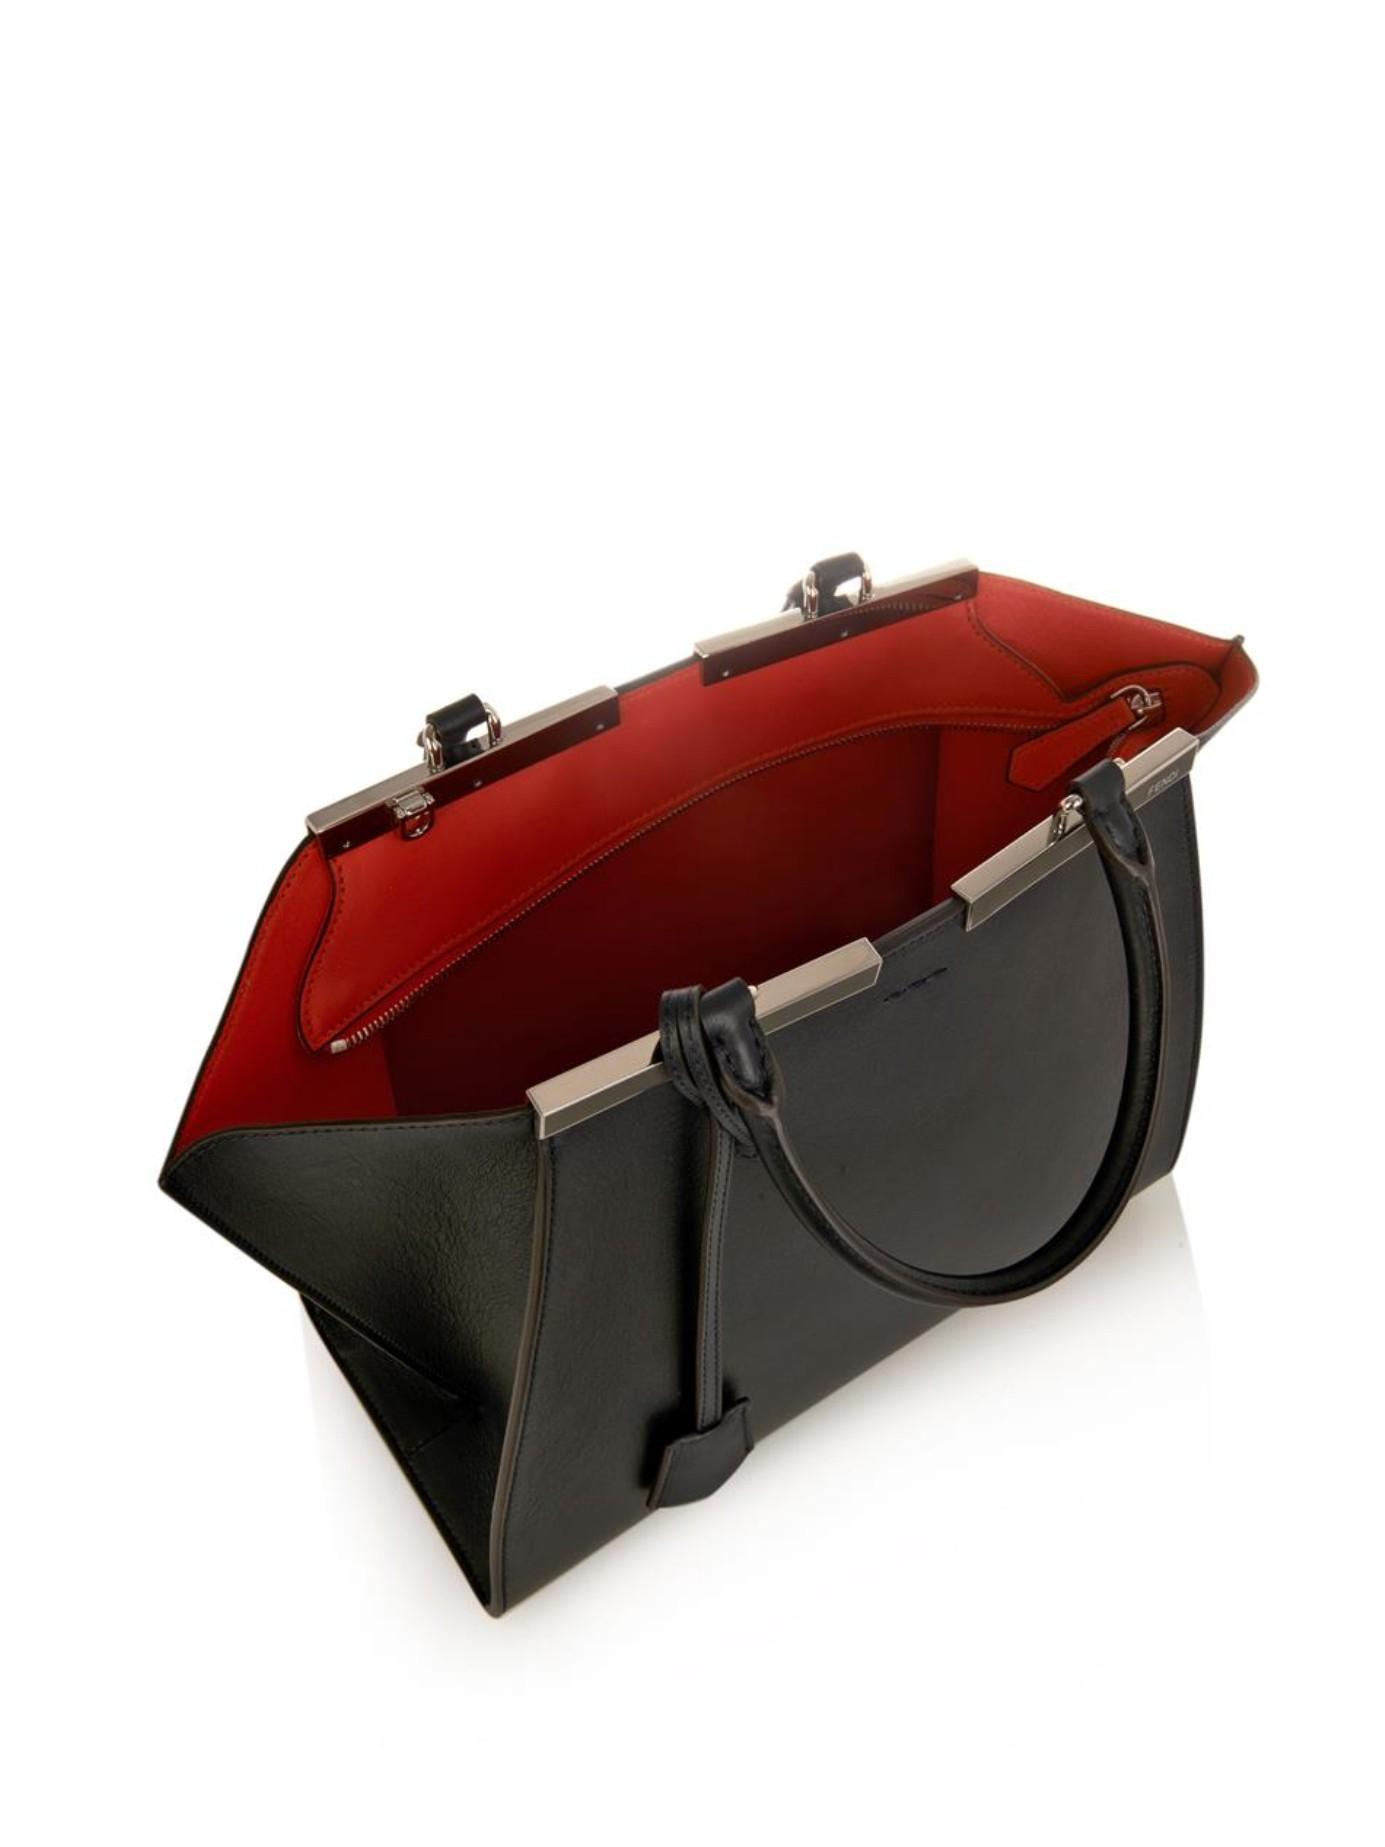 d4dd1d7688d3 canada fendi bag red wing 7a793 4b826